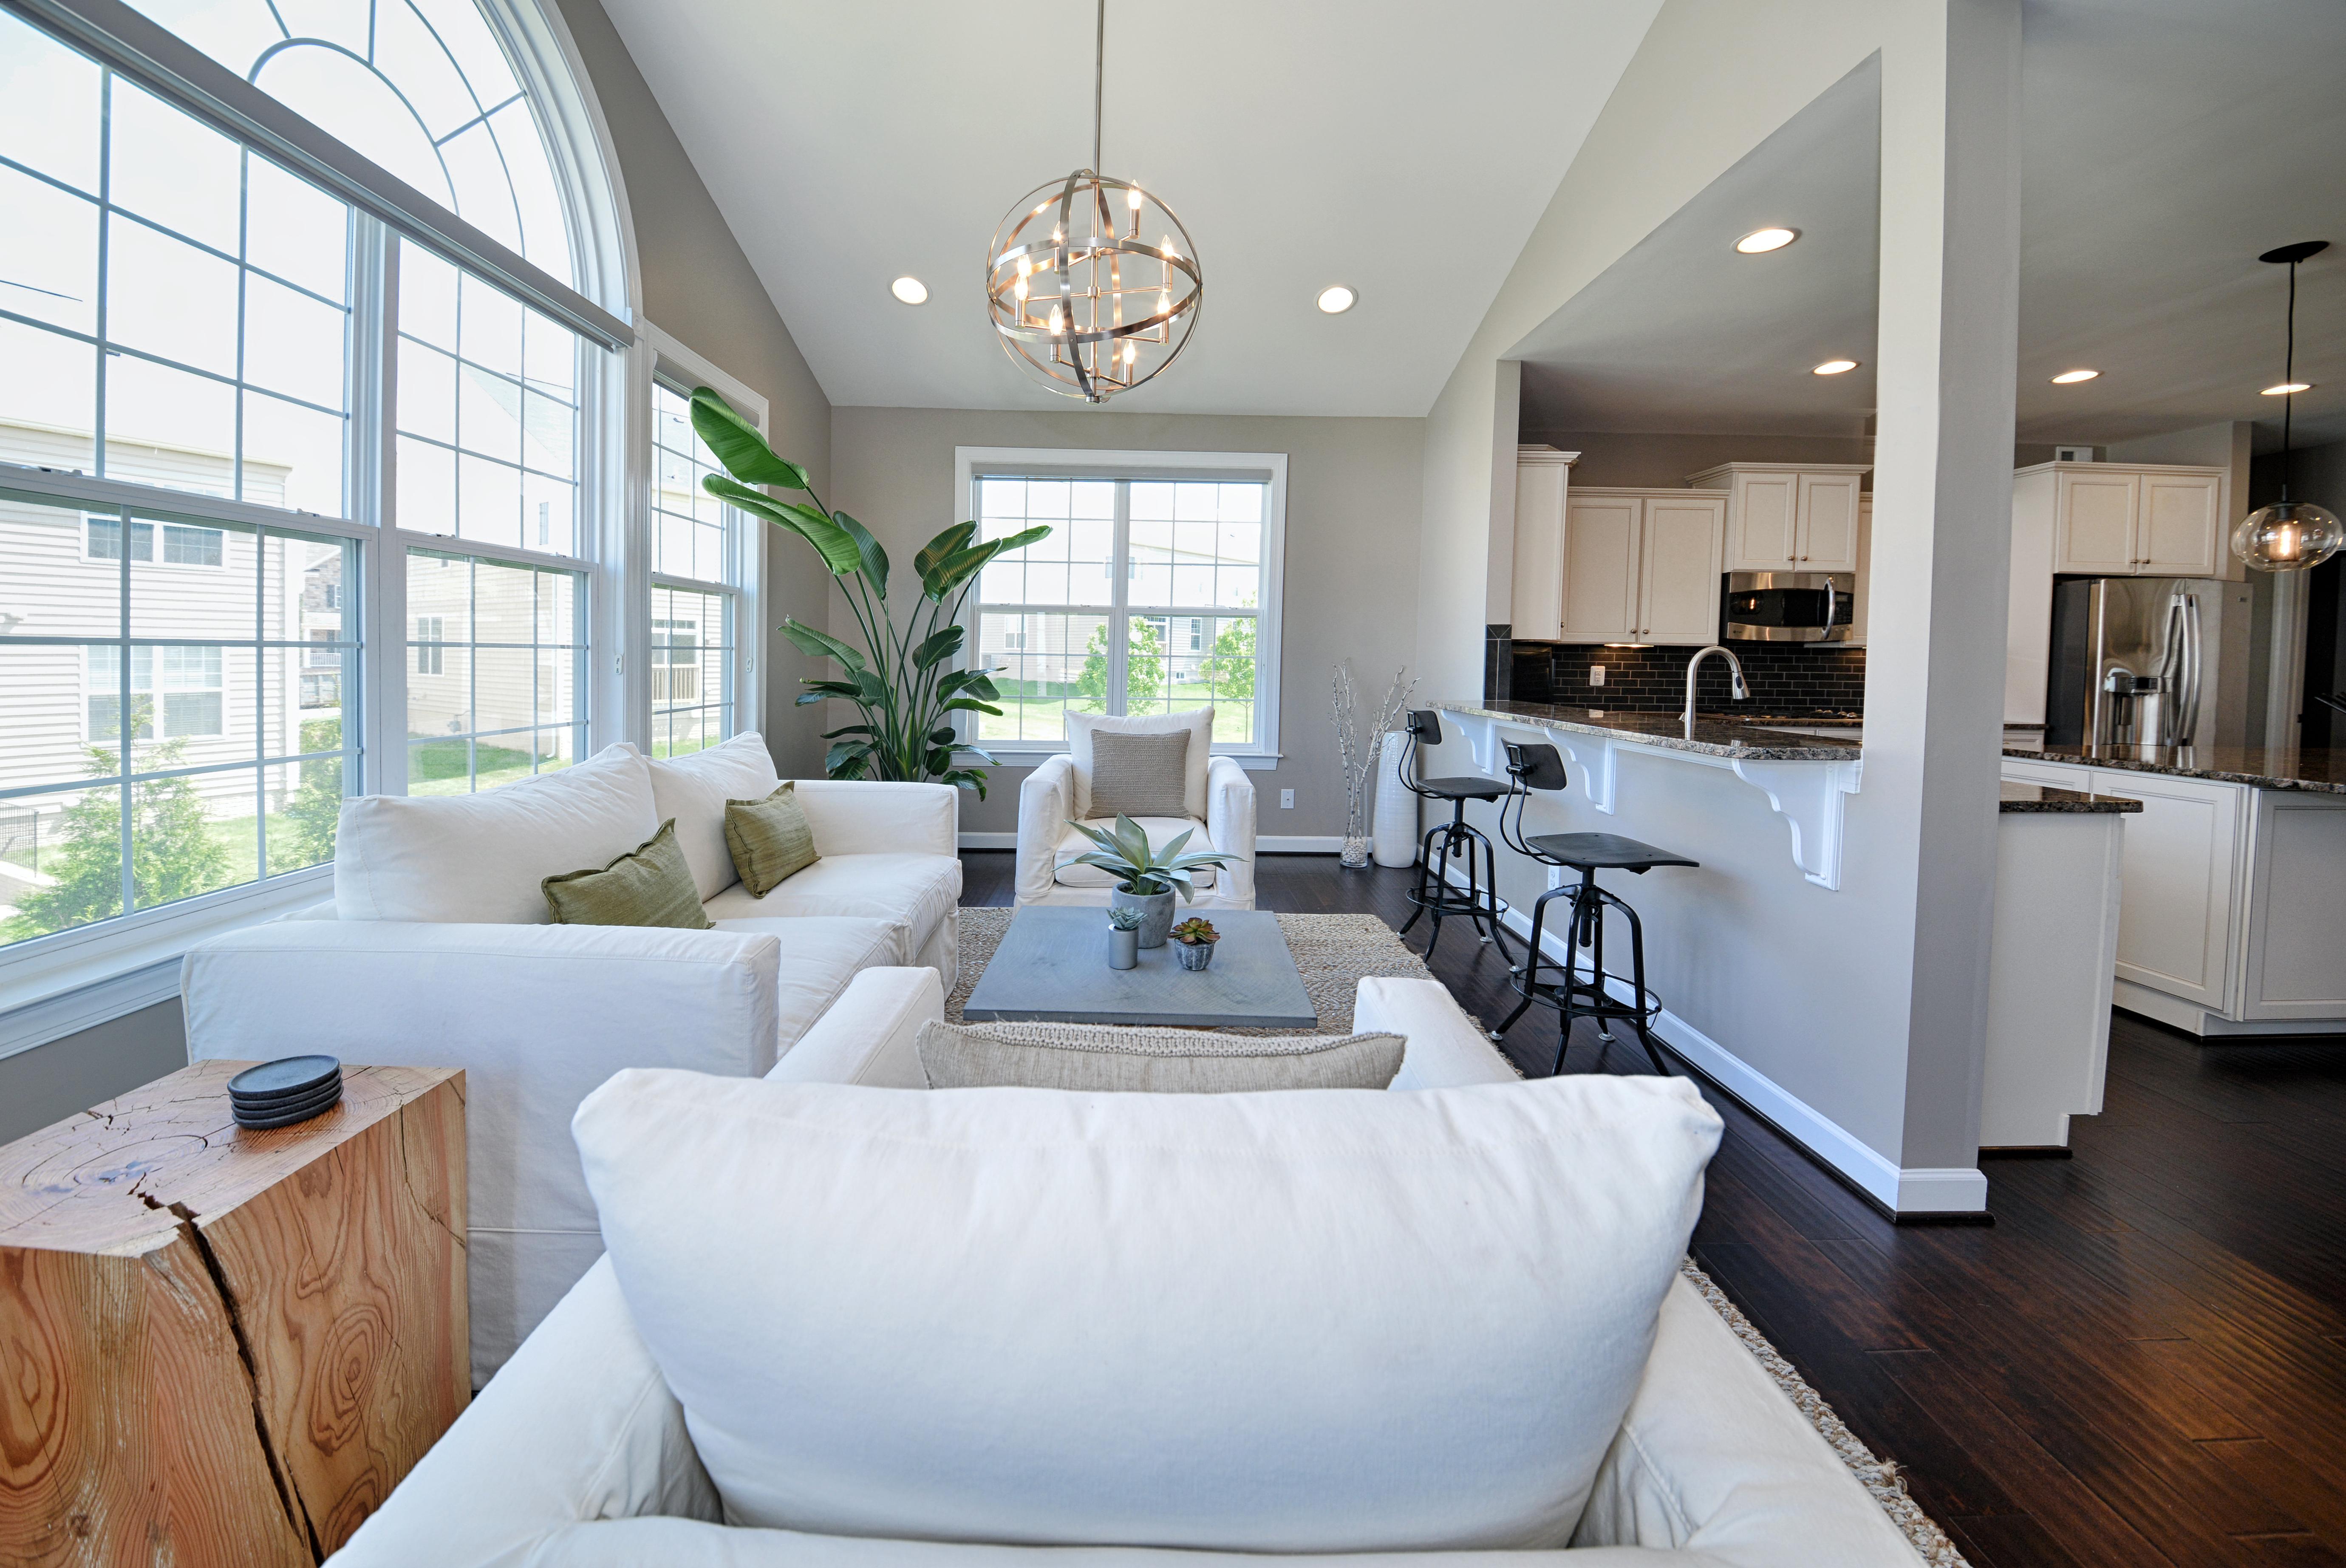 wood end tables. Black Bedroom Furniture Sets. Home Design Ideas